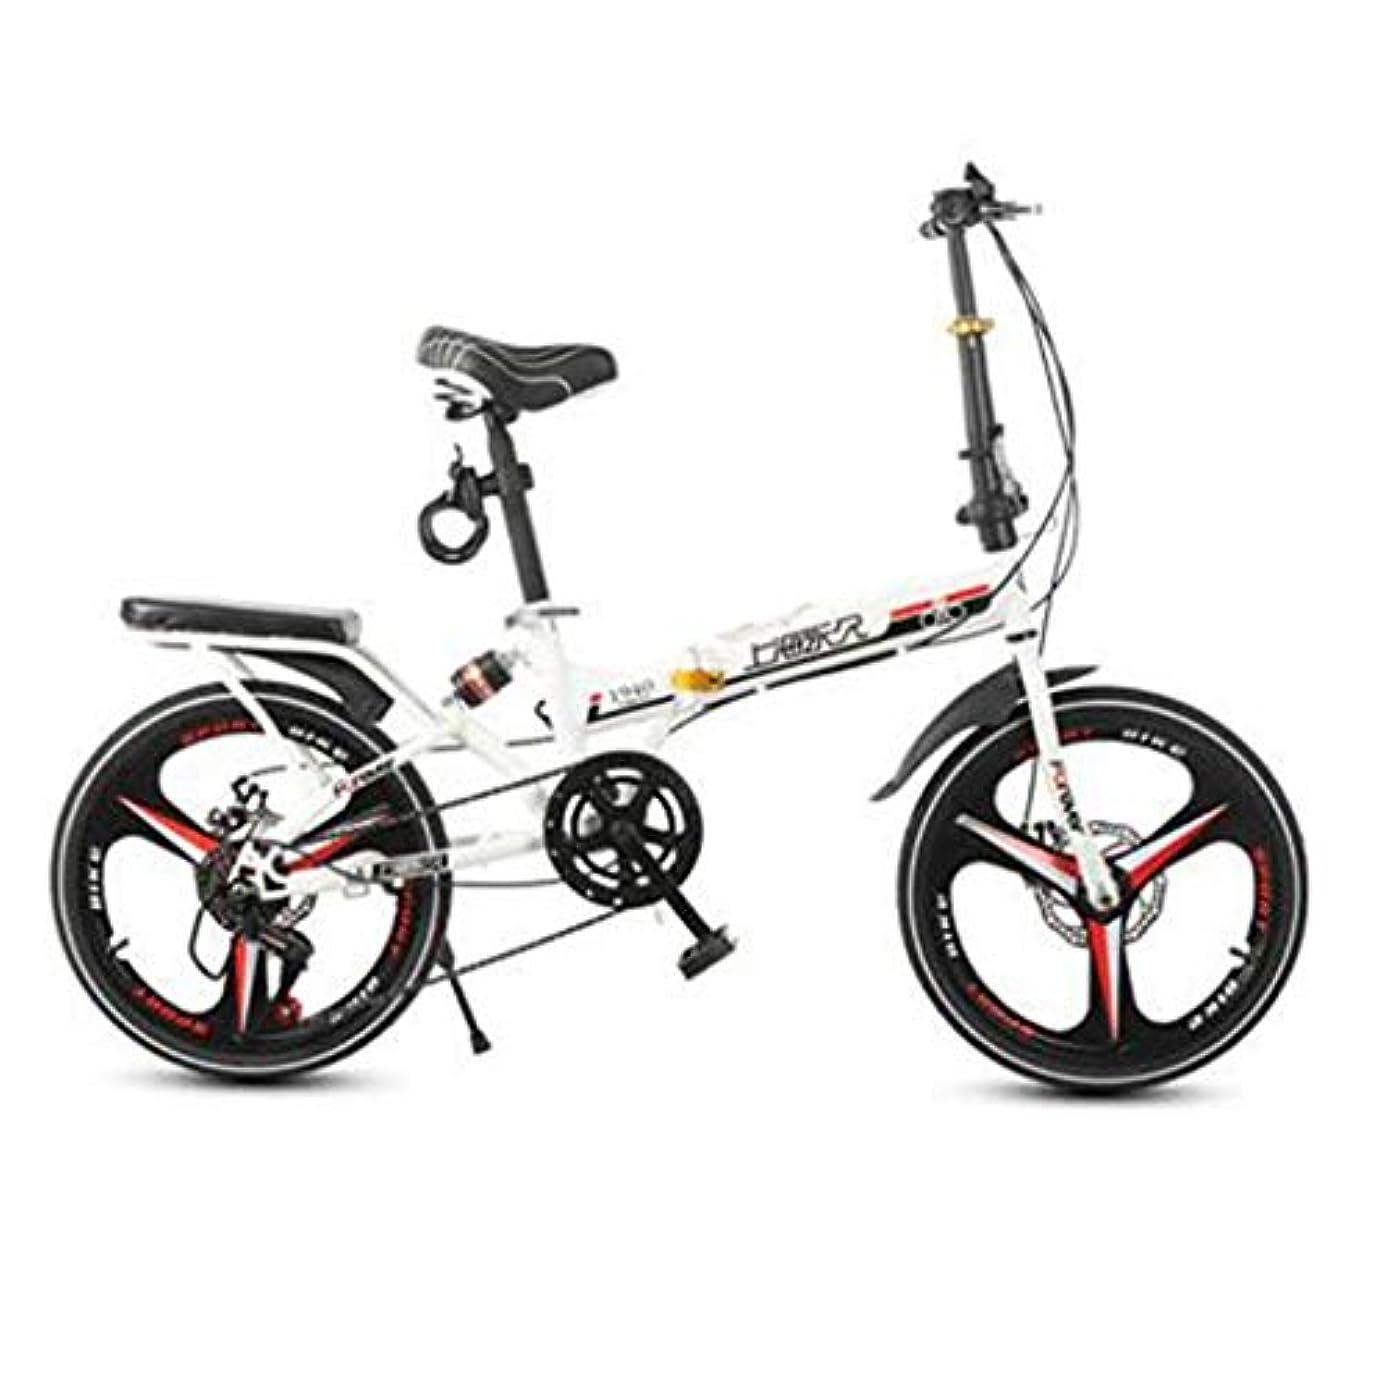 先例レベル学校の先生折りたたみ自転車ユニセックス - 大人の自転車6速20インチホイールセット可変速自転車ショックアブソーバー自転車 (Color : BEIGE, Size : 115*30*95CM)